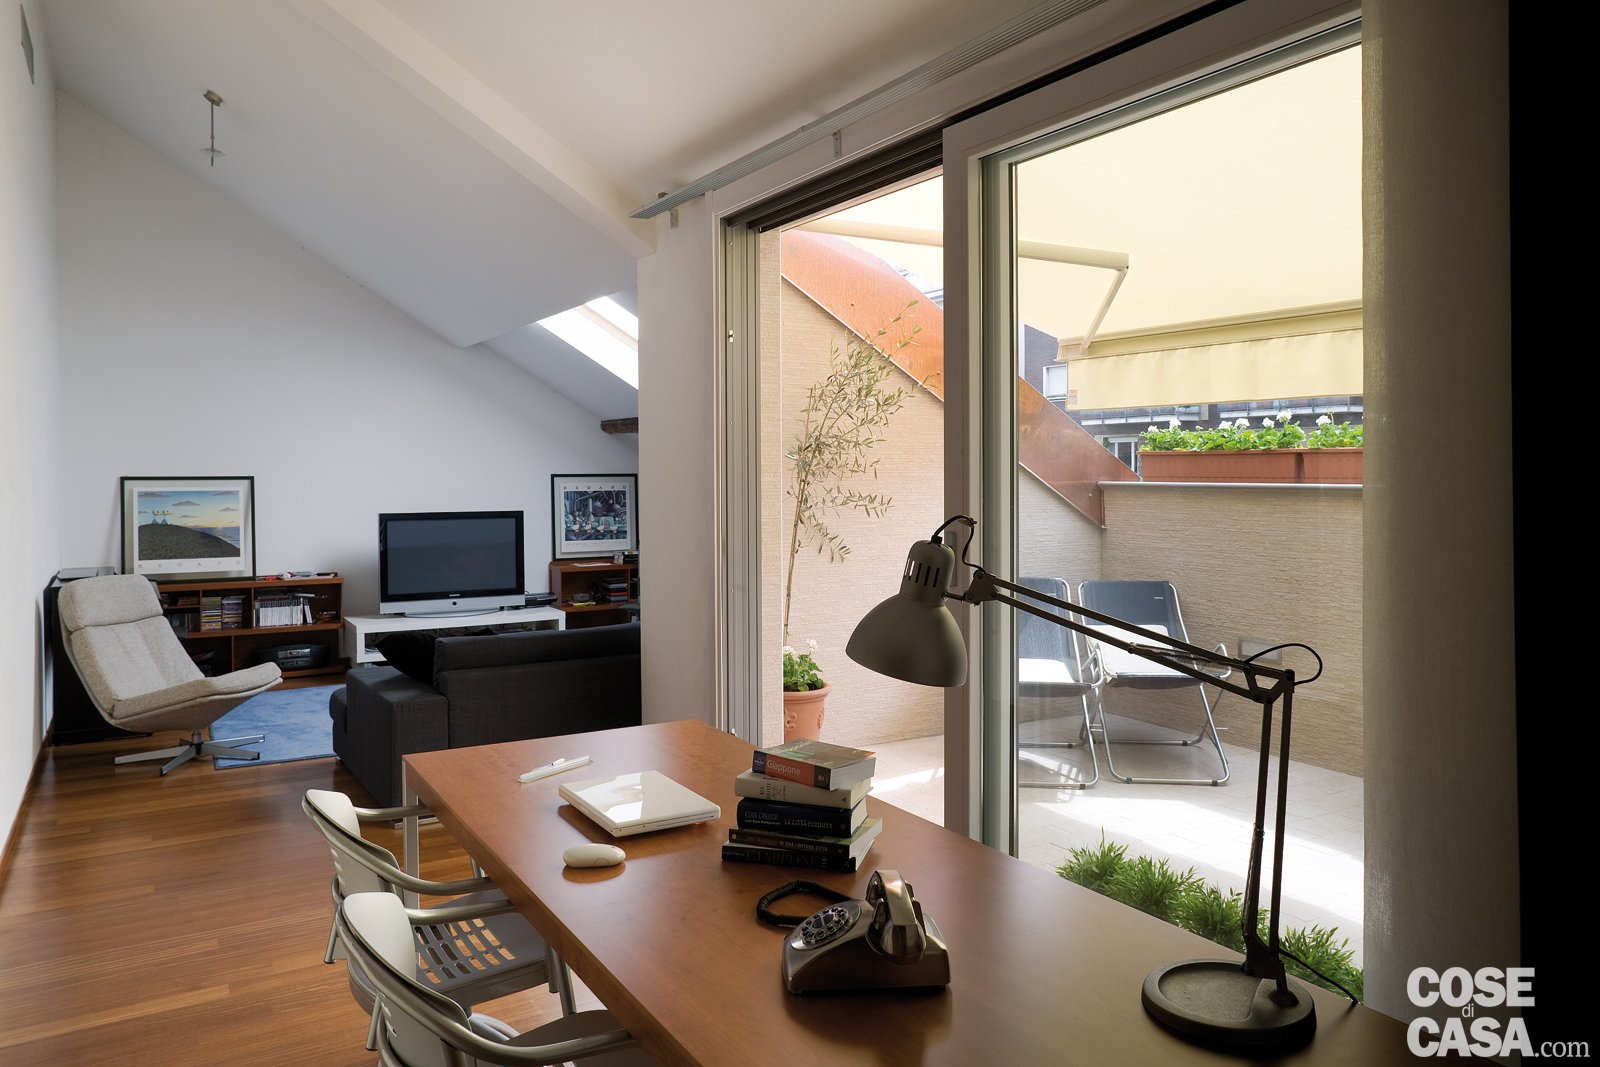 Costruire un balcone nel tetto cose di casa for Posso ottenere un mutuo per costruire una casa